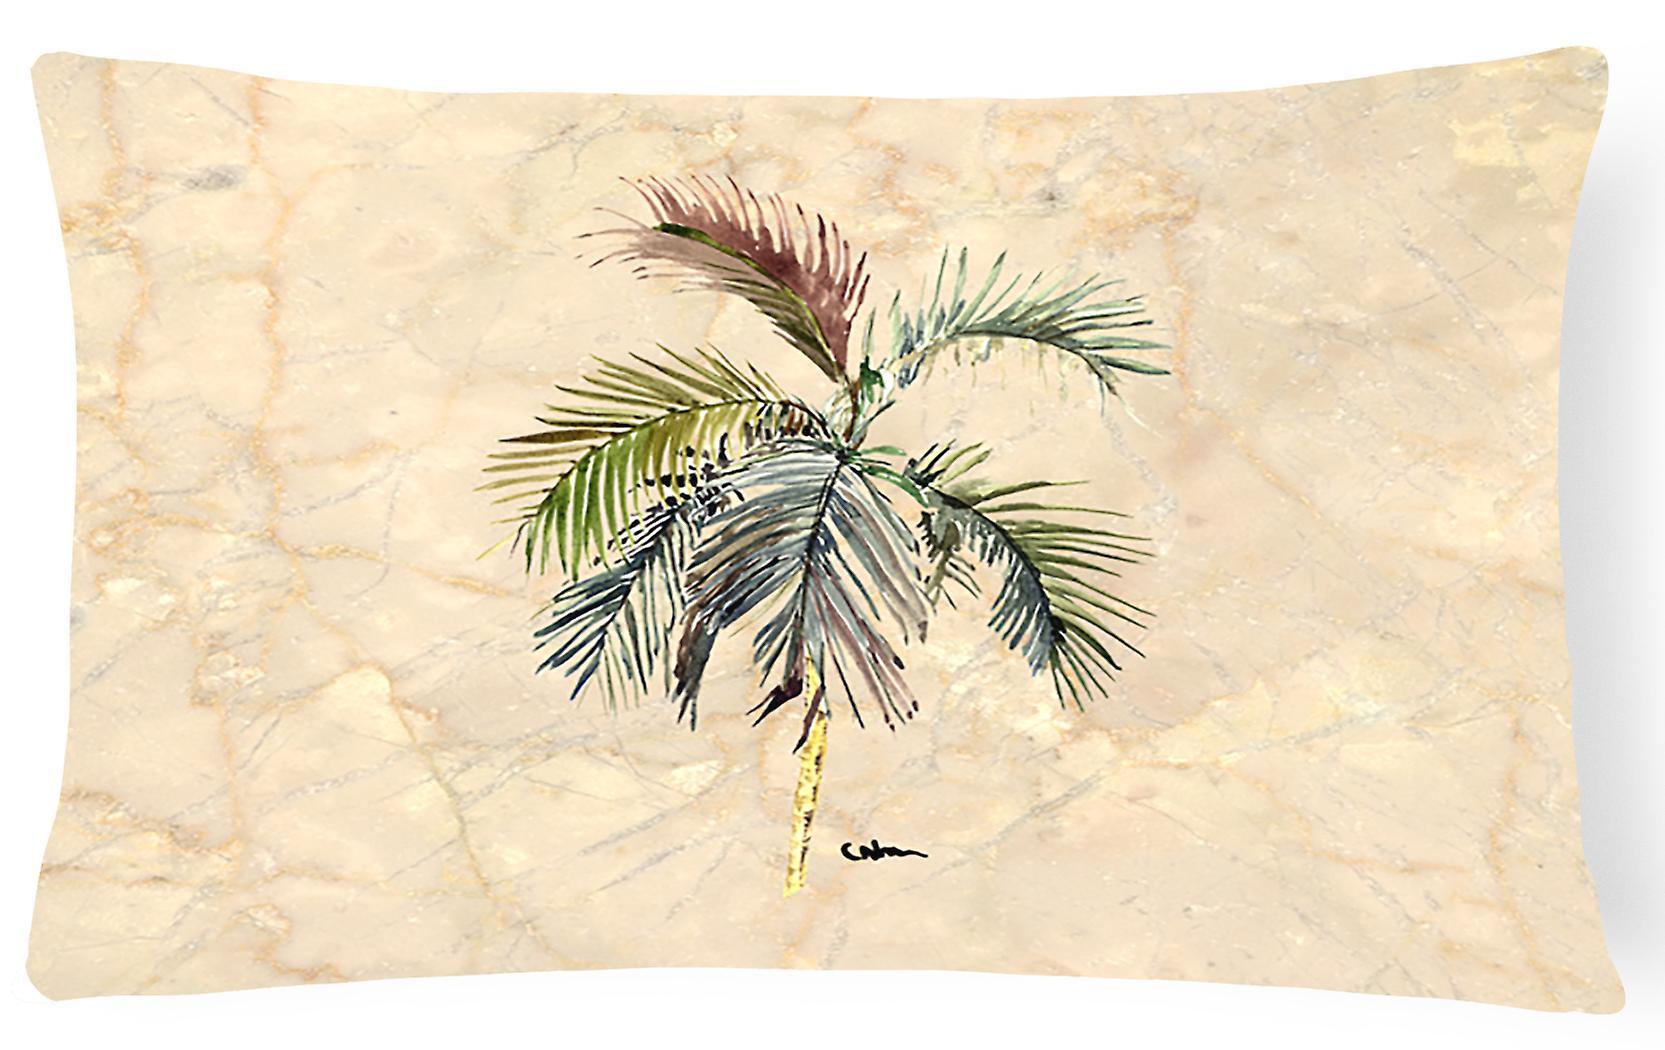 Tissu Palm Oreiller Carolines Trésors Tree 8483pw1216 Décoratif Toile oWrxdCeB